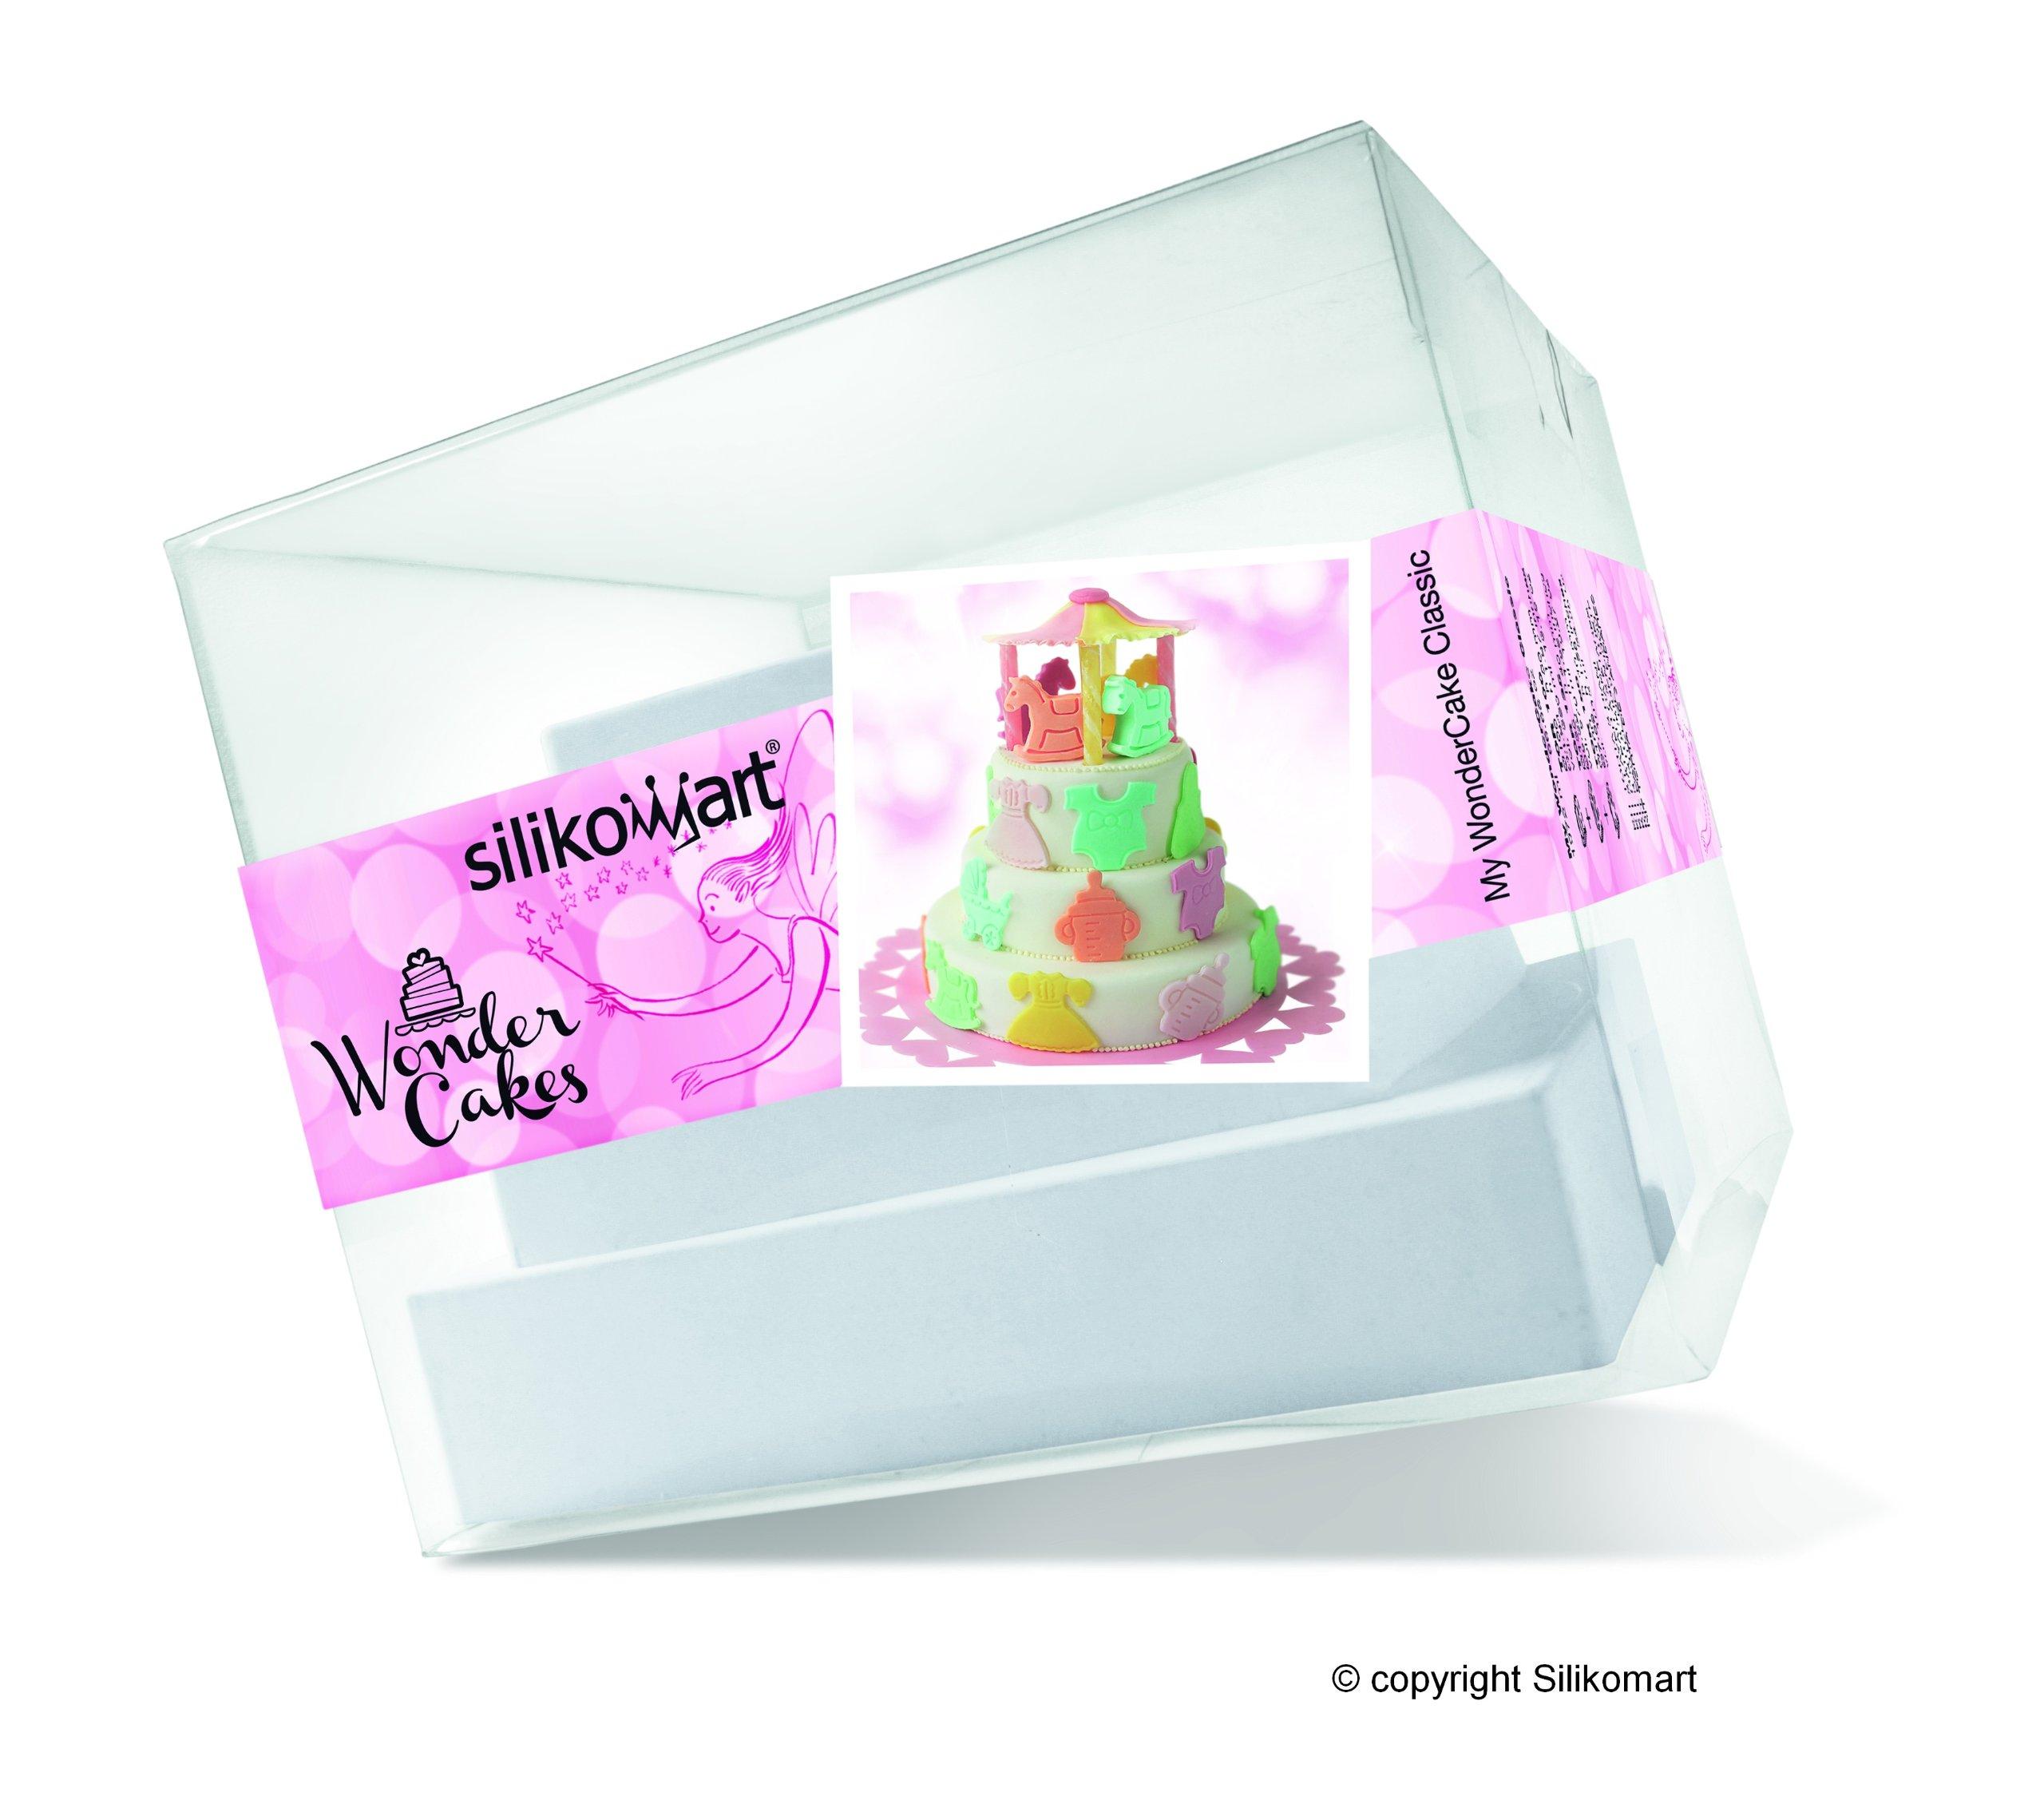 Silikomart Silicone My Wonder Cake Classic Cake Pans, Set of 3